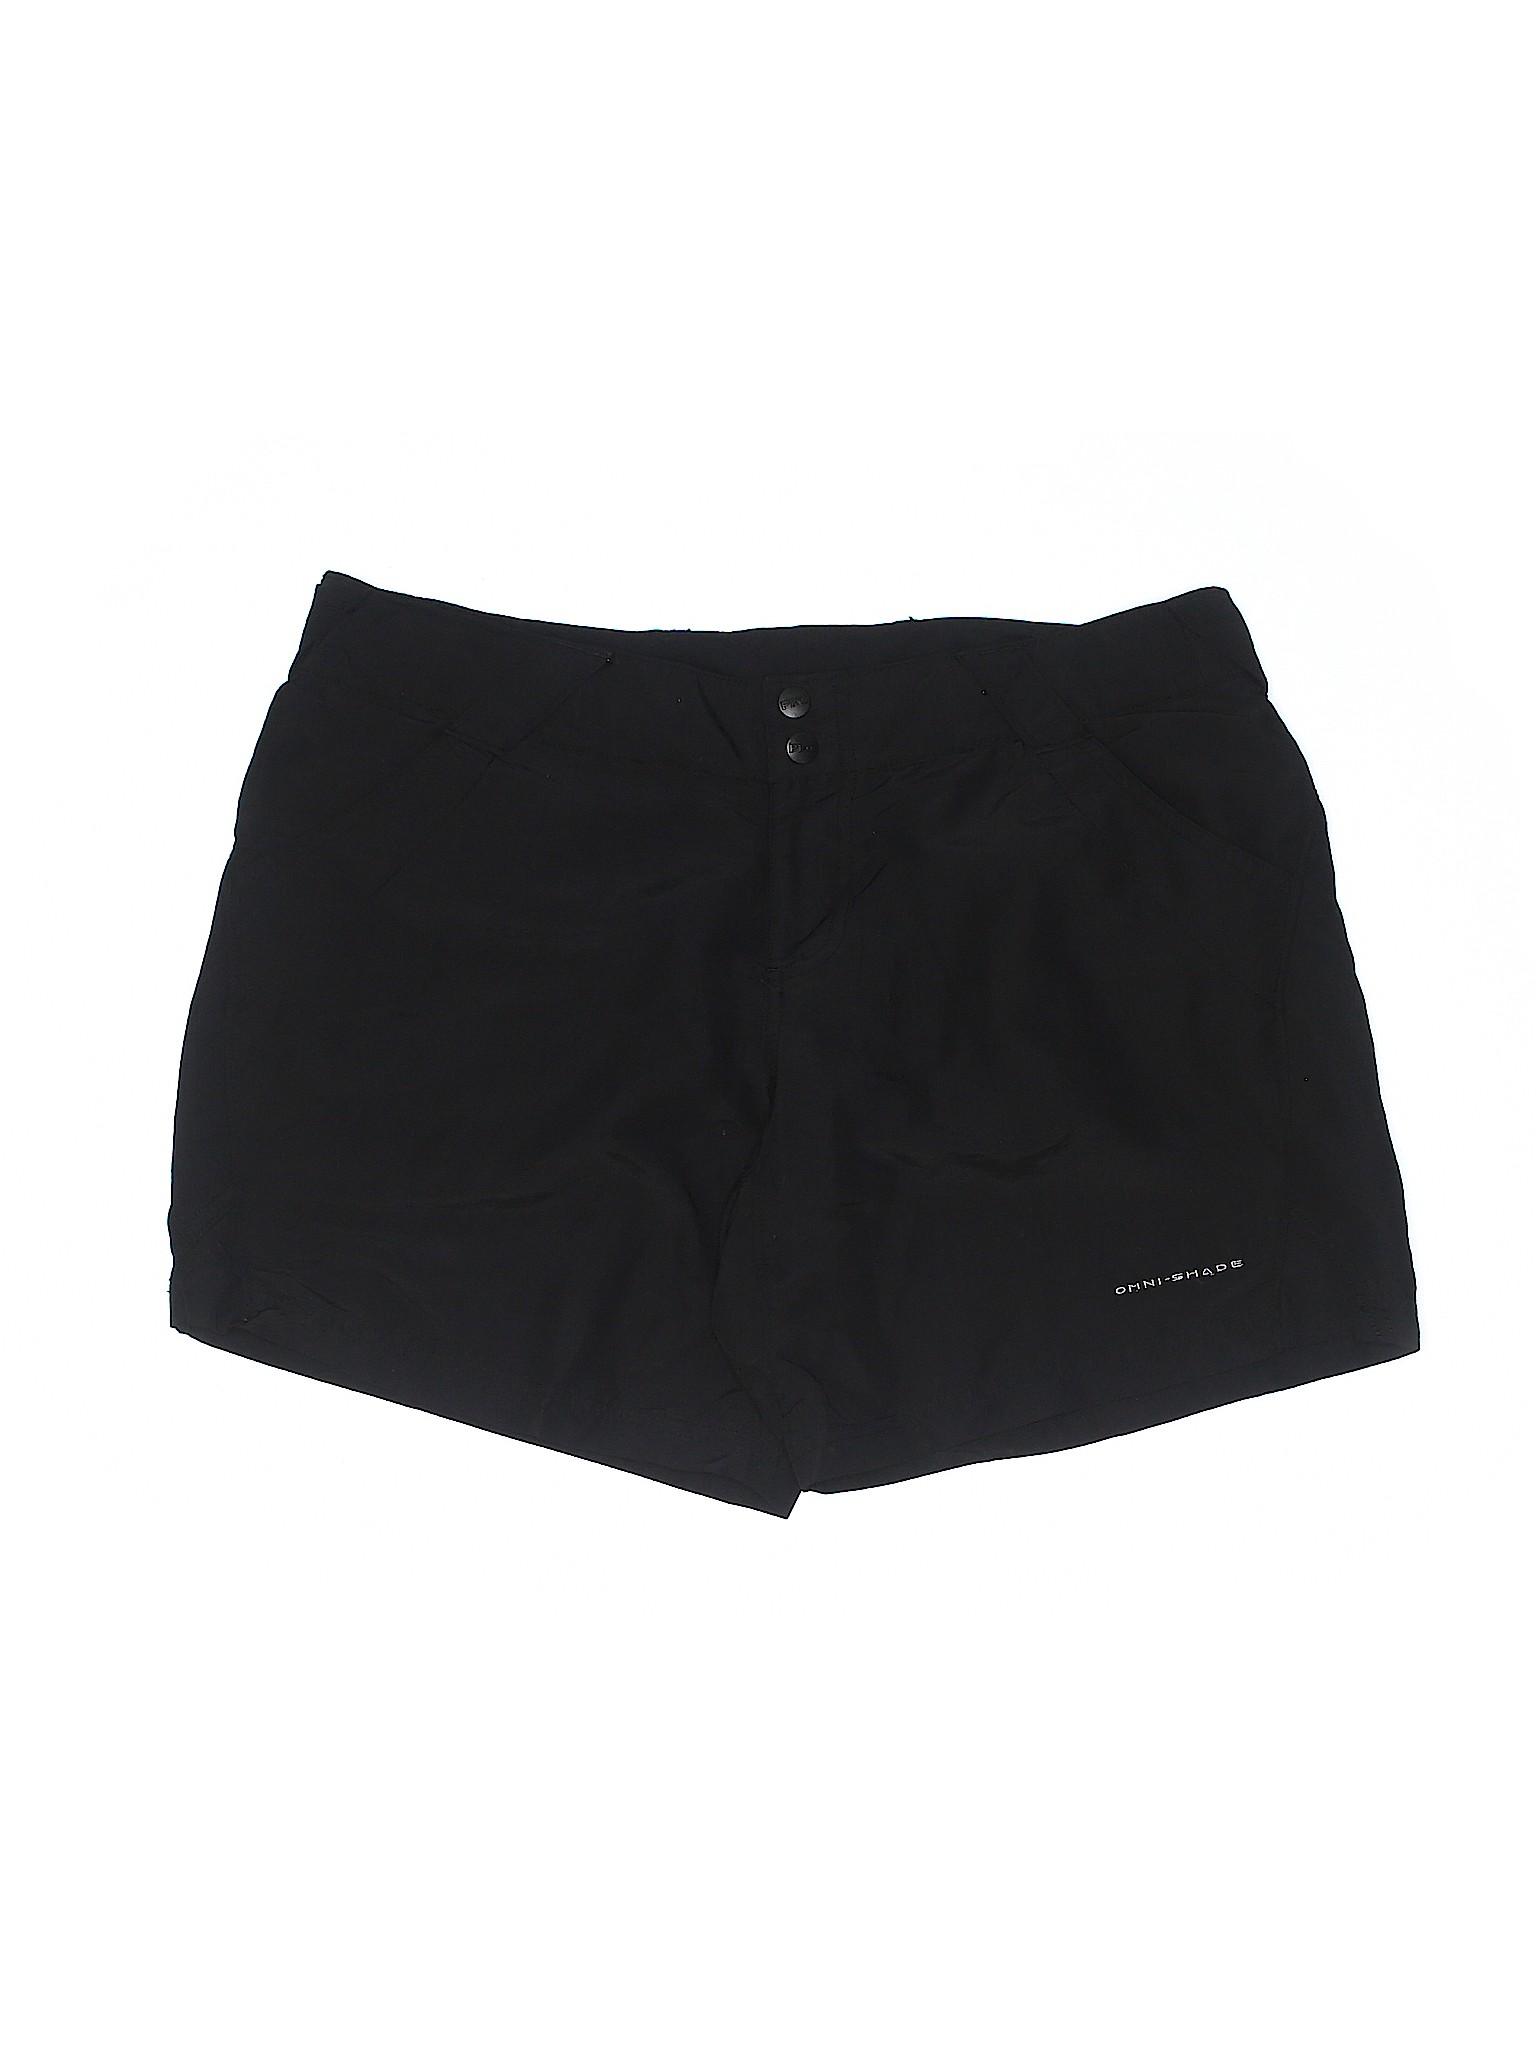 Columbia Columbia Boutique Athletic Athletic Boutique Boutique Shorts Athletic Columbia Boutique Columbia Shorts Shorts n0wOxUpqIA